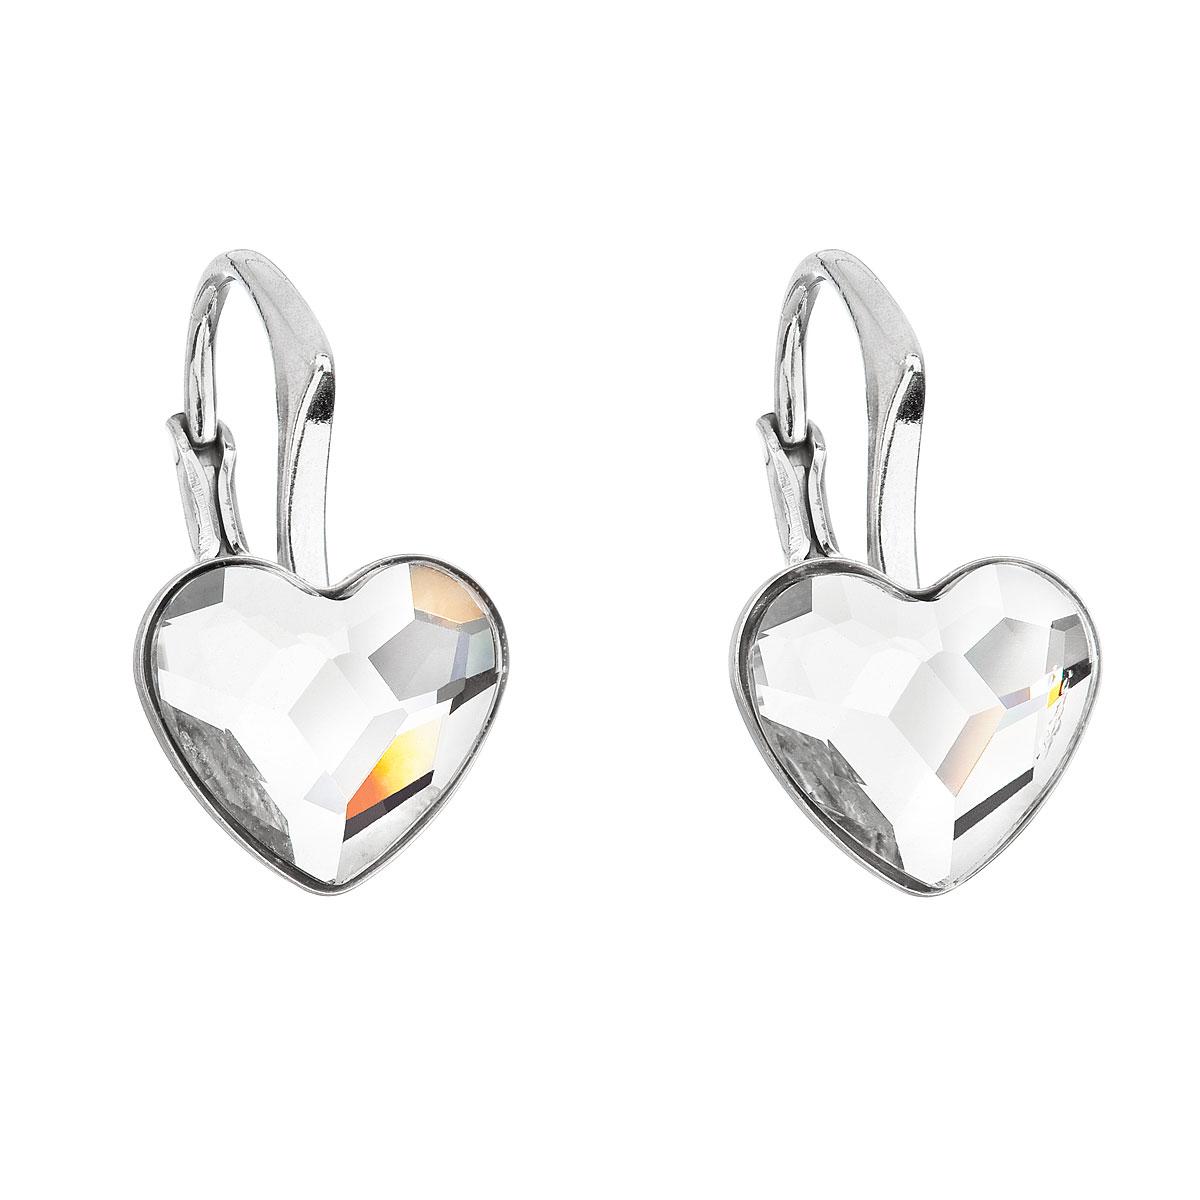 Evolution Group Stříbrné náušnice visací s krystaly Swarovski bílé srdce 31240.1